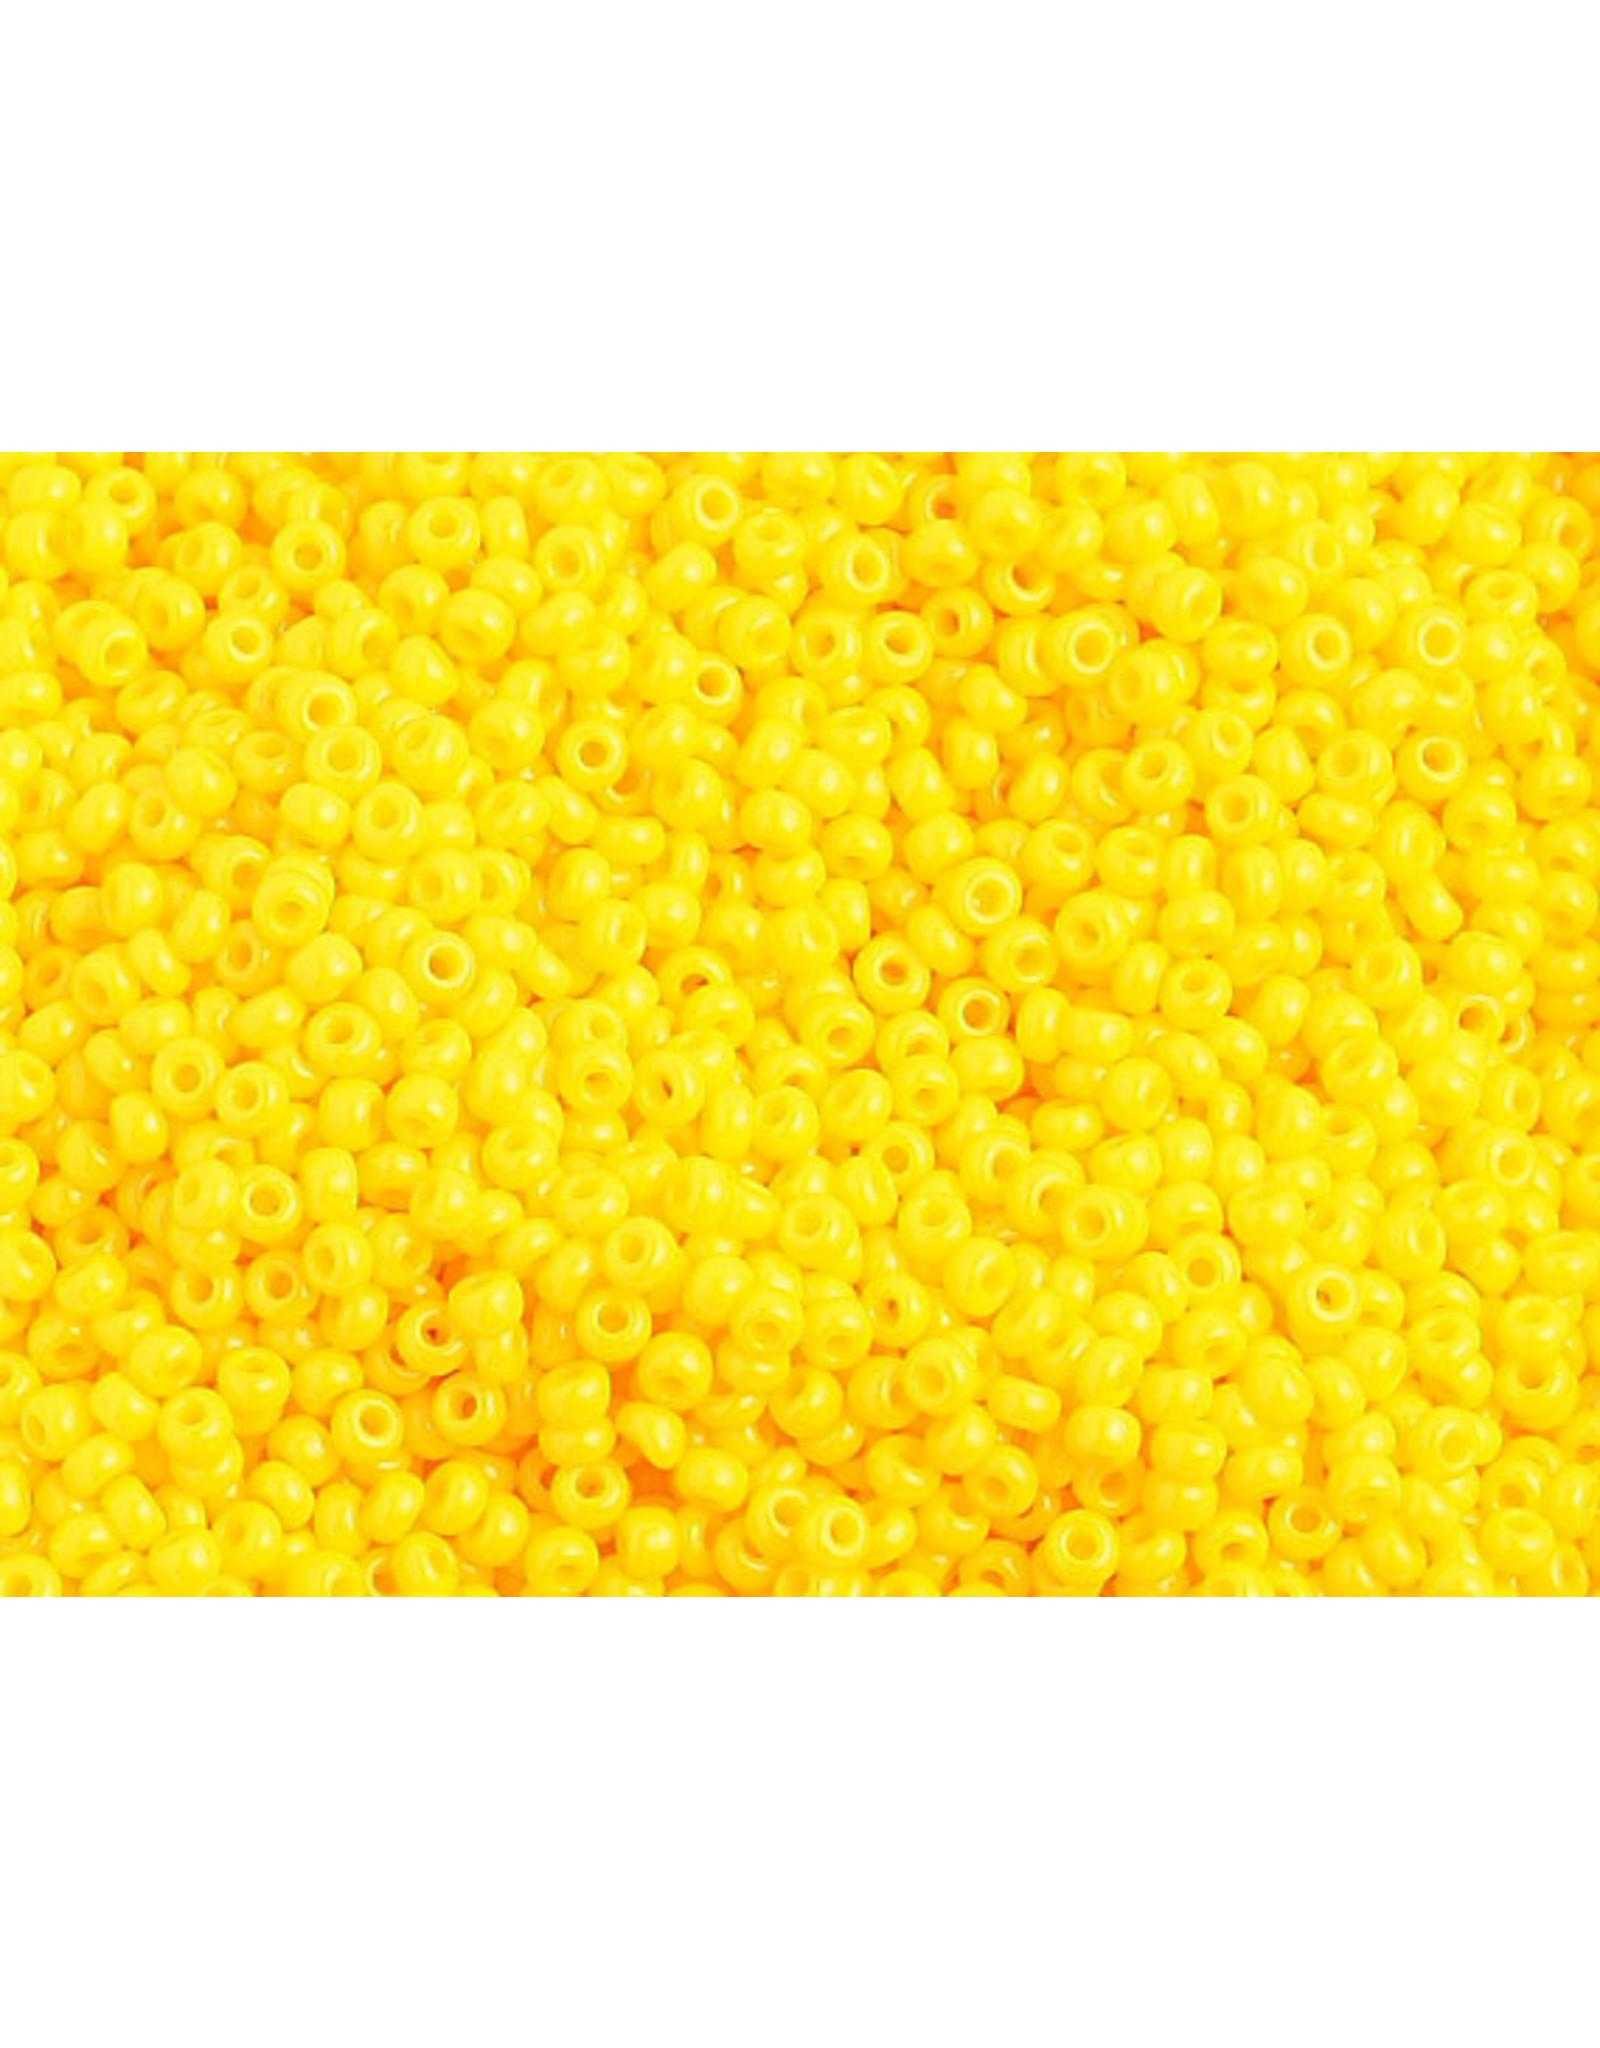 Czech 1034 10   Seed 20g Opaque Gold Yellow